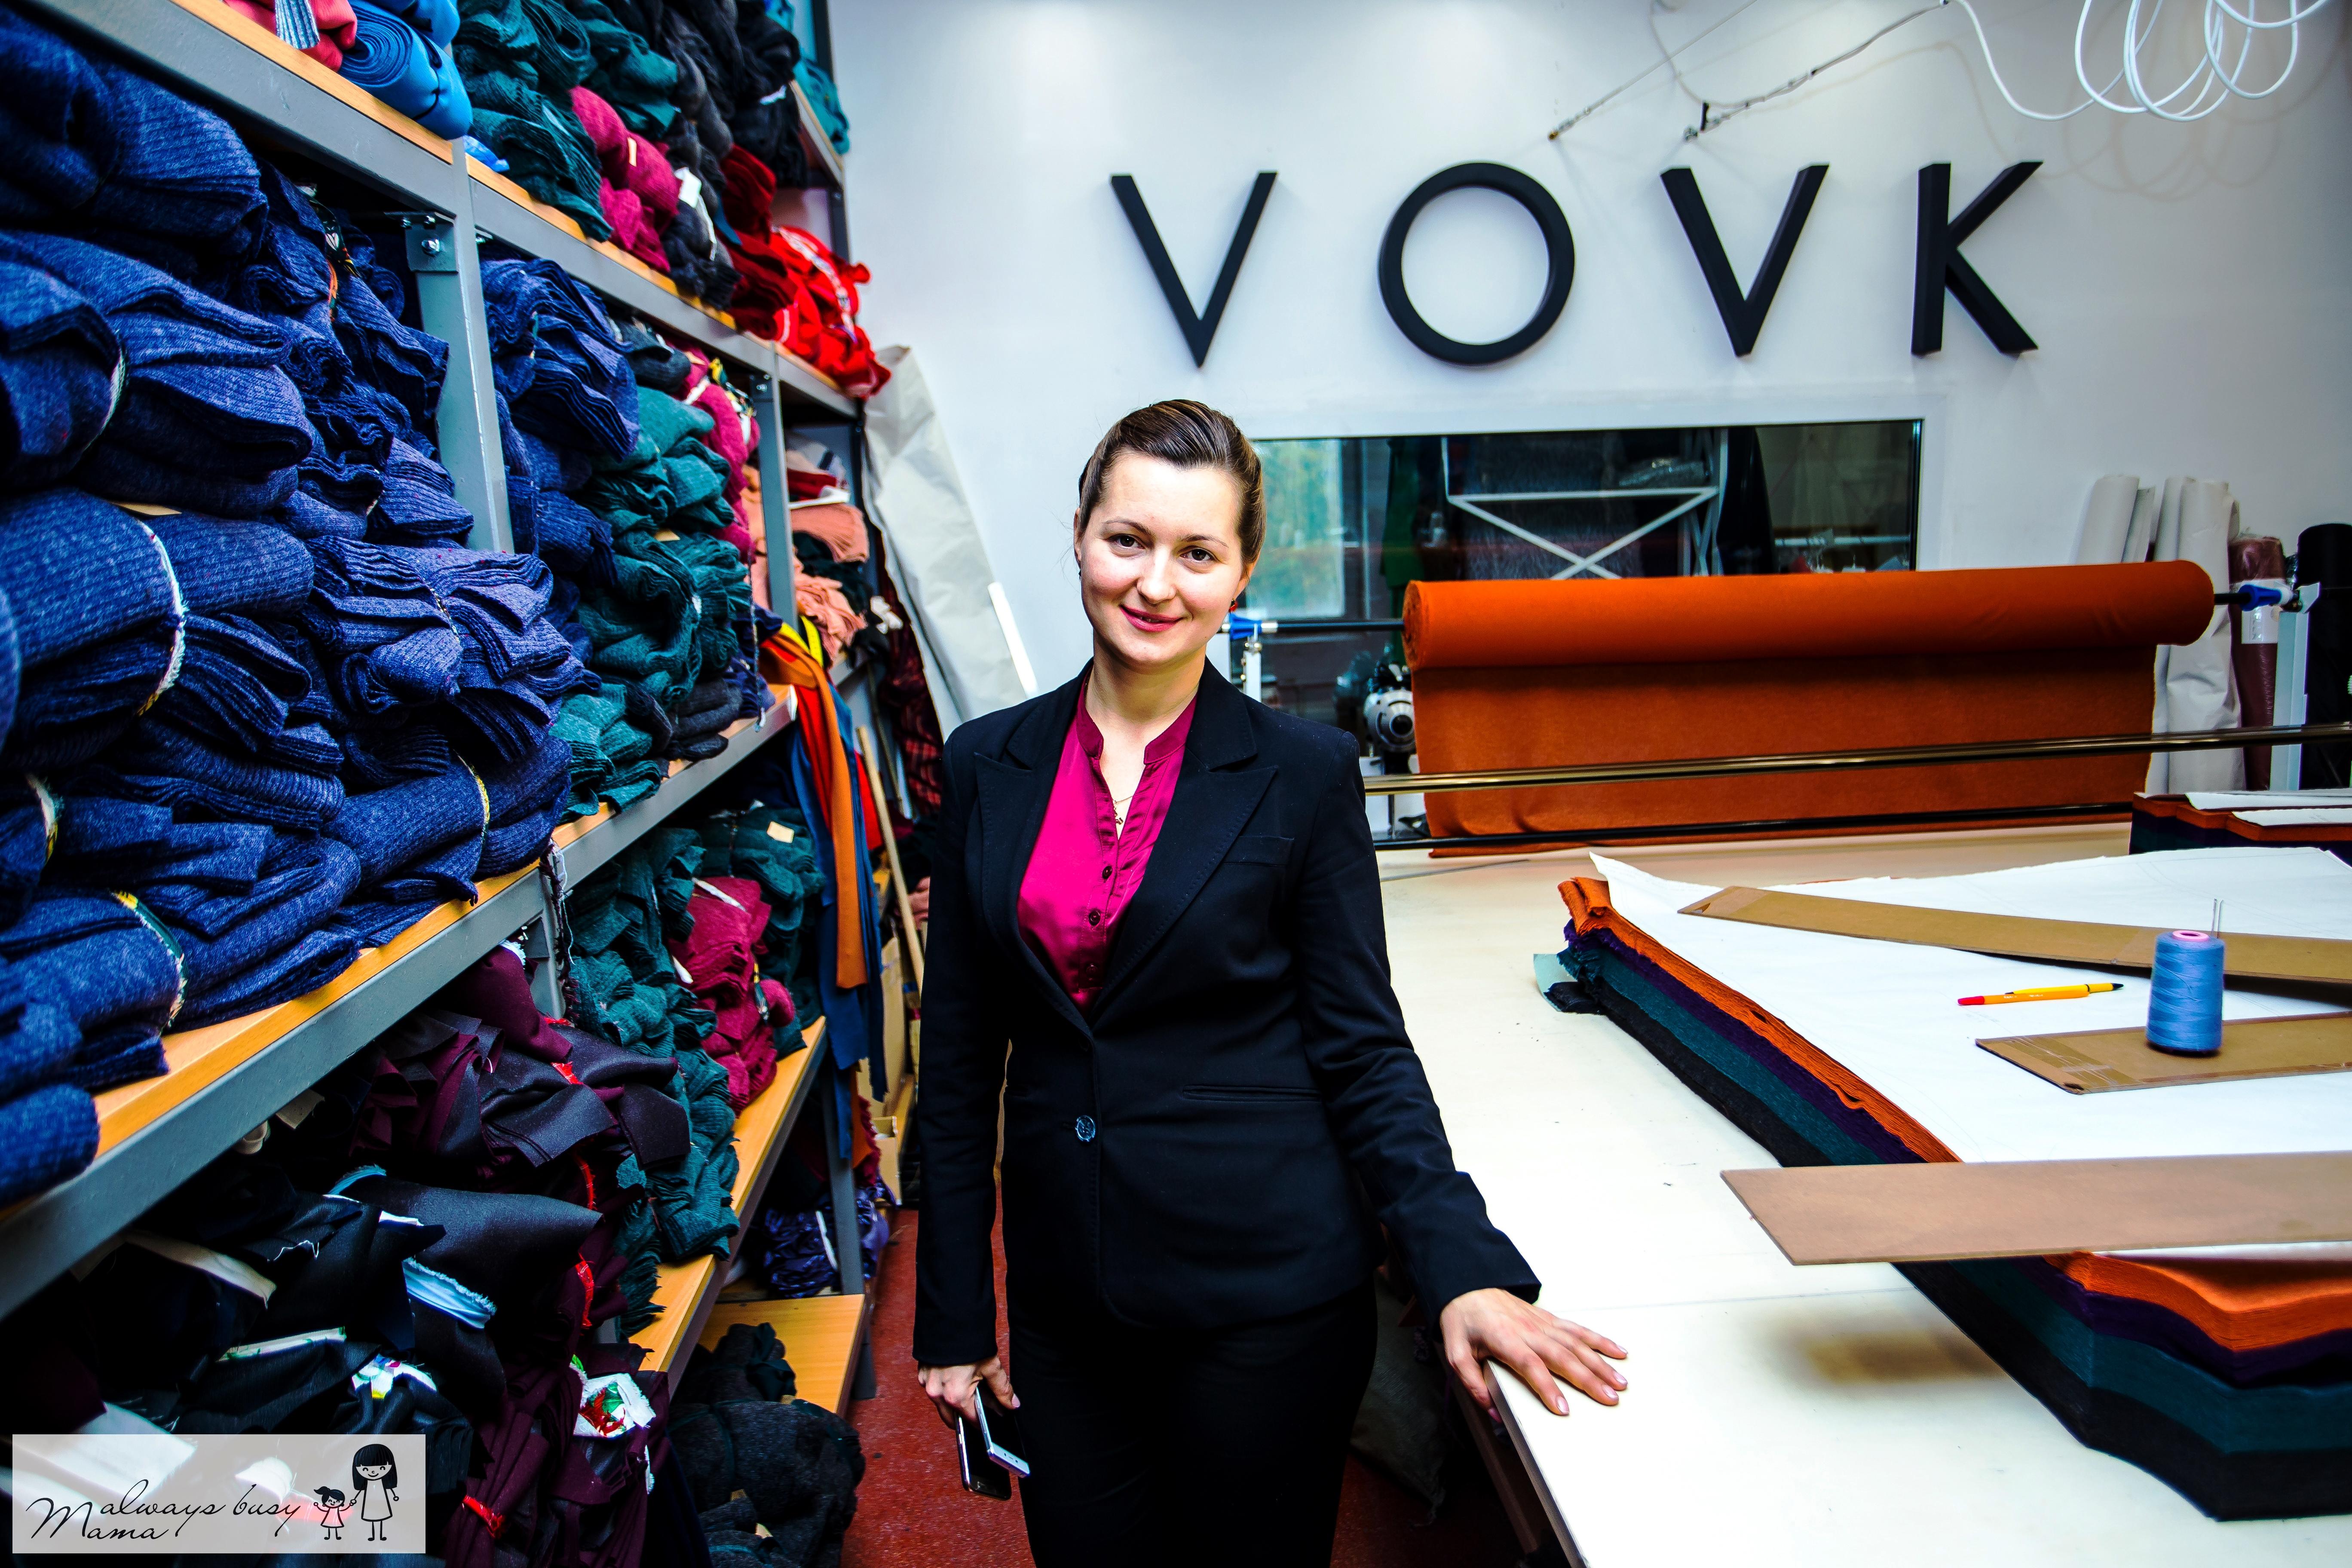 63b6b5bfc Одежда VOVK — это устоявшийся за 5 лет узнаваемый стиль бренда. Многие  модели стали его визитной карточкой и сезонных кампейнов благодаря  авторским ...